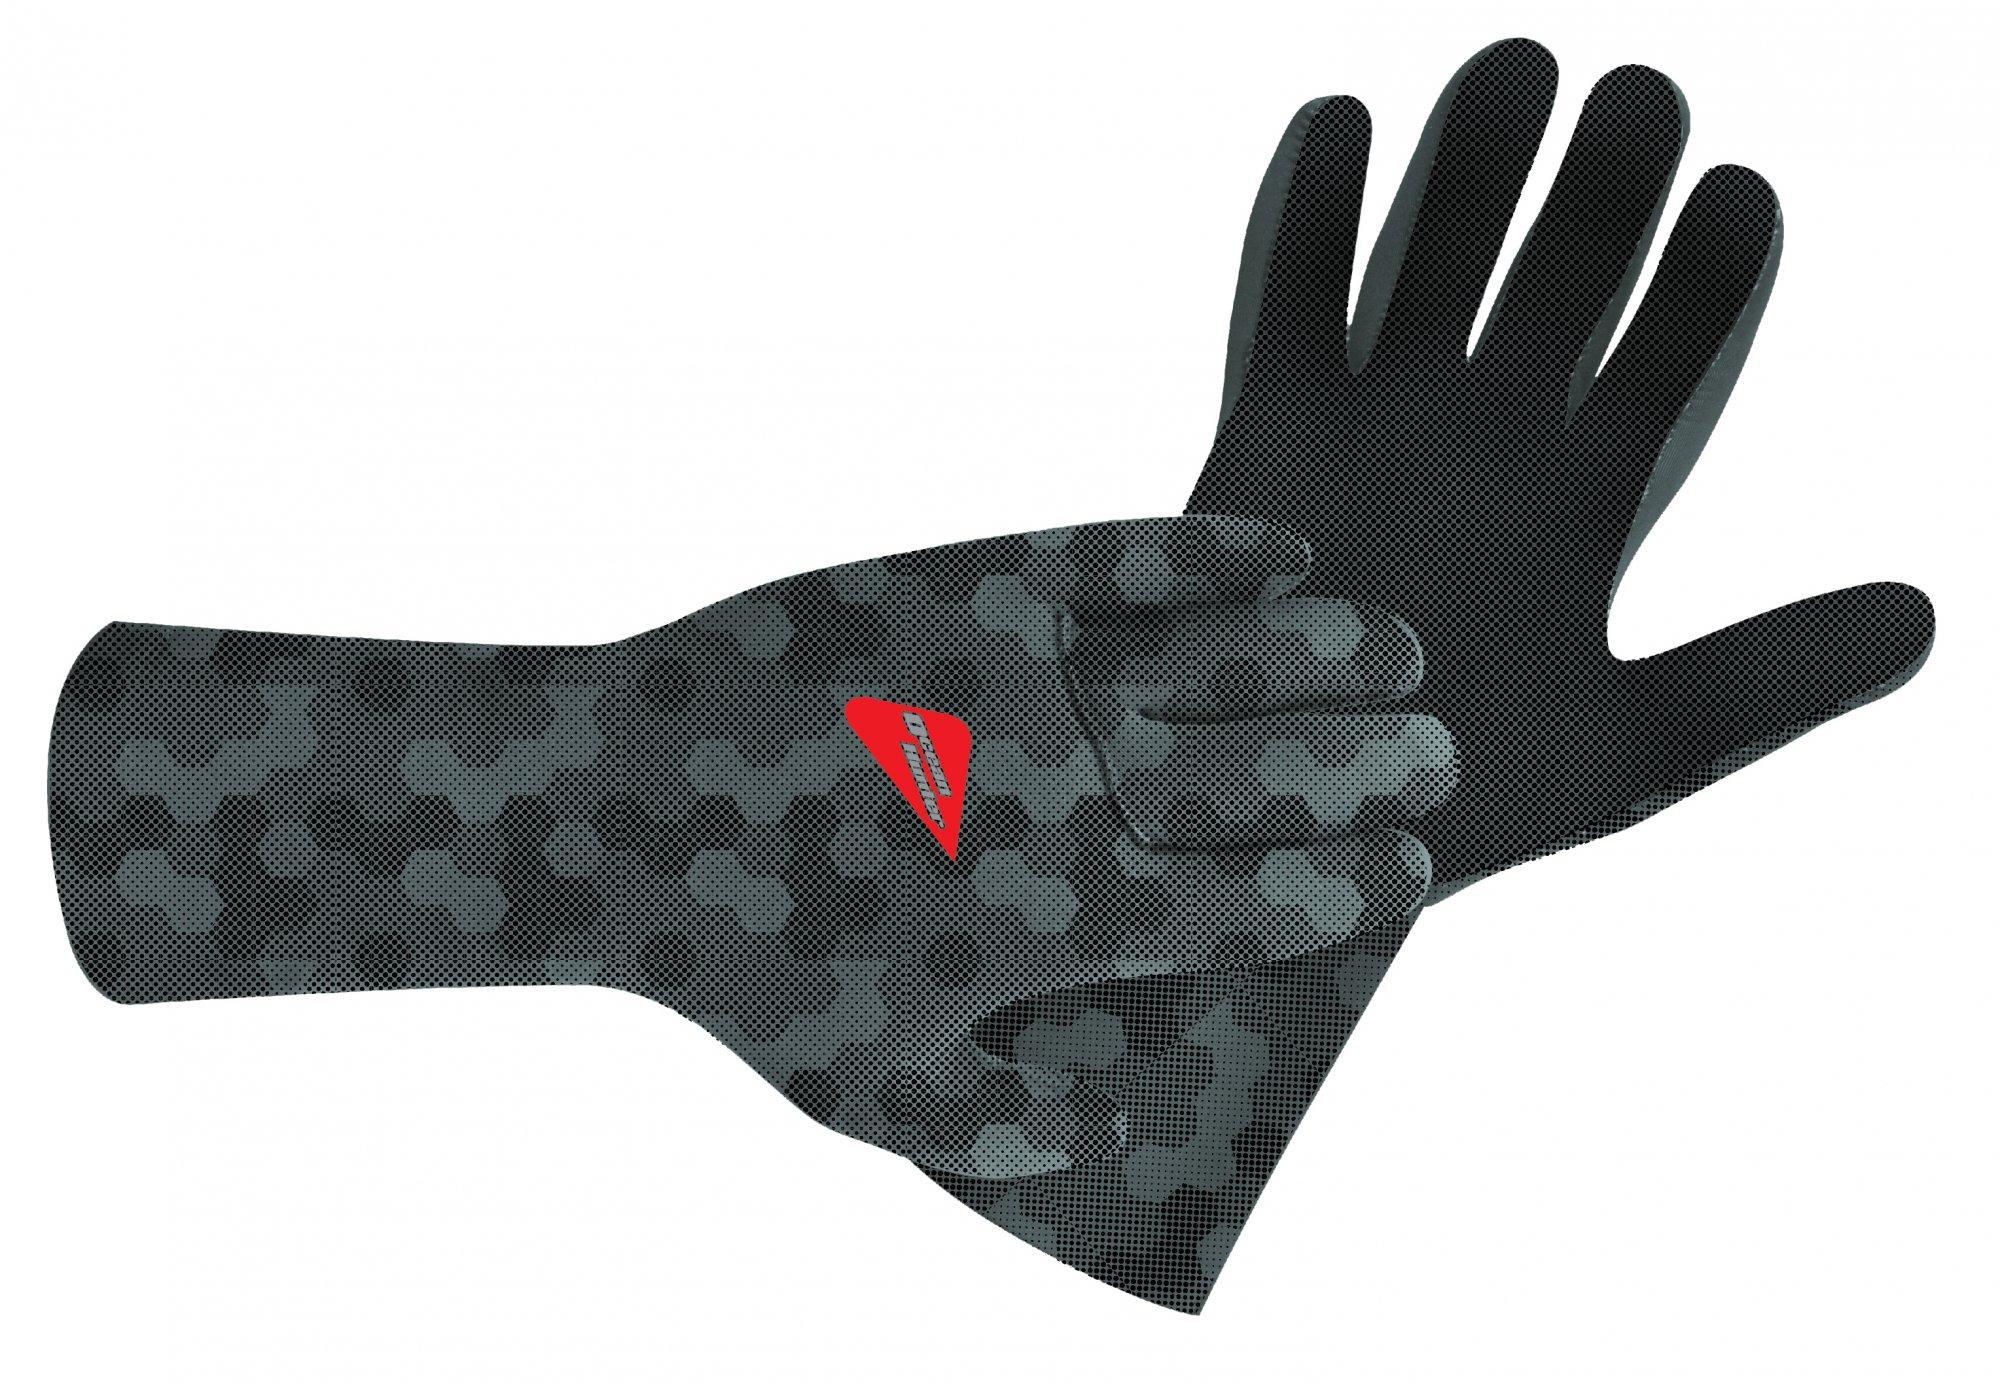 Ocean Hunter Dex Glove - 2mm